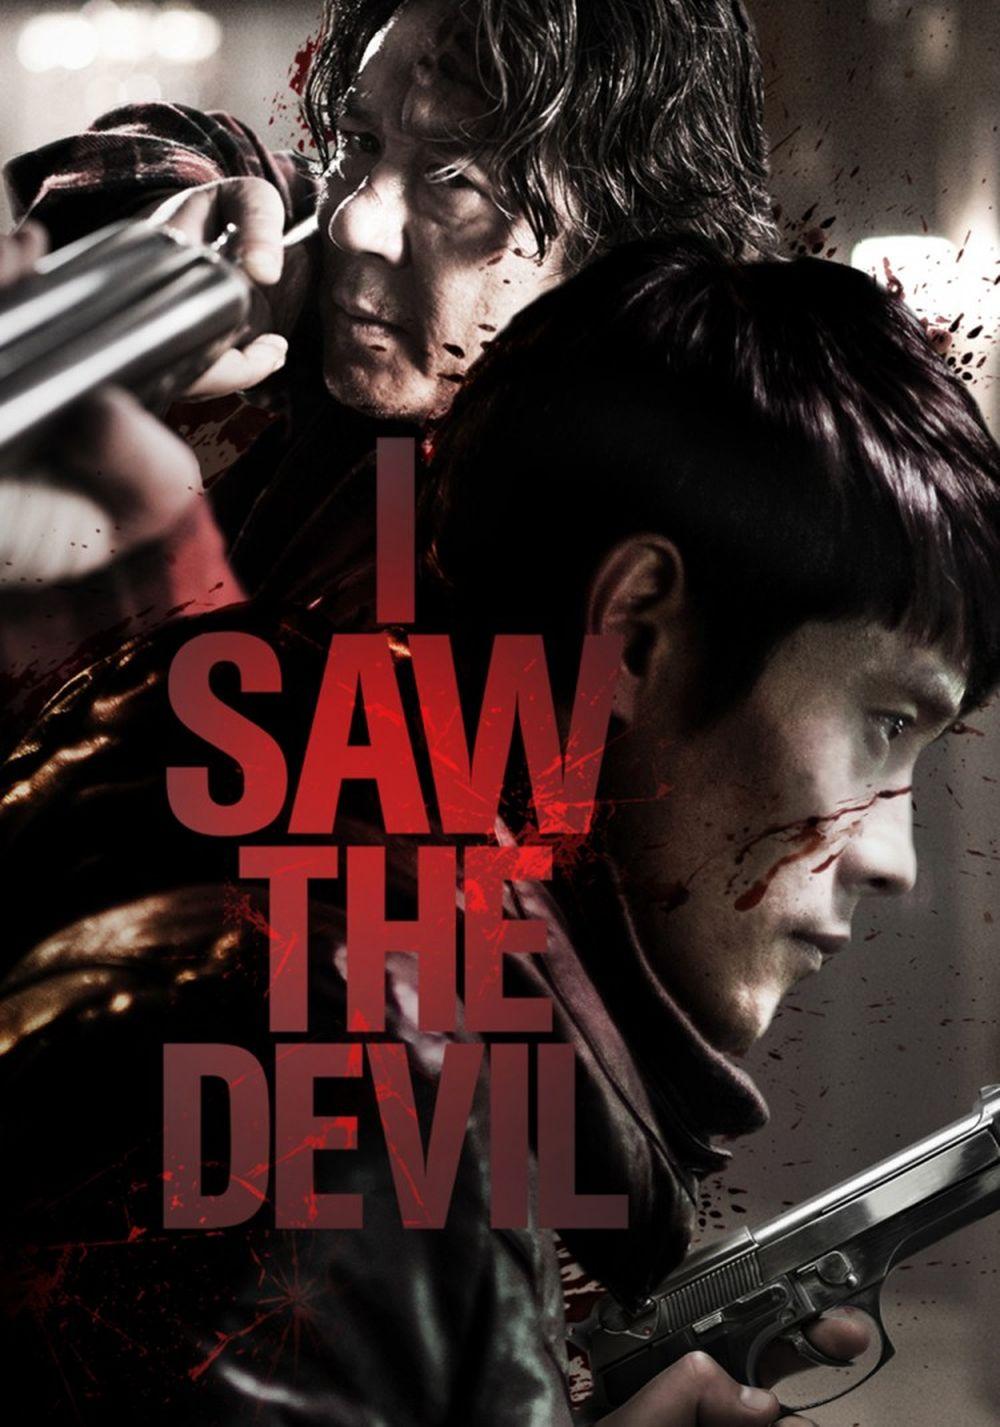 I Saw Devillà bộ phim giết người hàng loạt xuất sắc nên được ghi vào danh sách phim nhất định phải xem một lần của bạn.